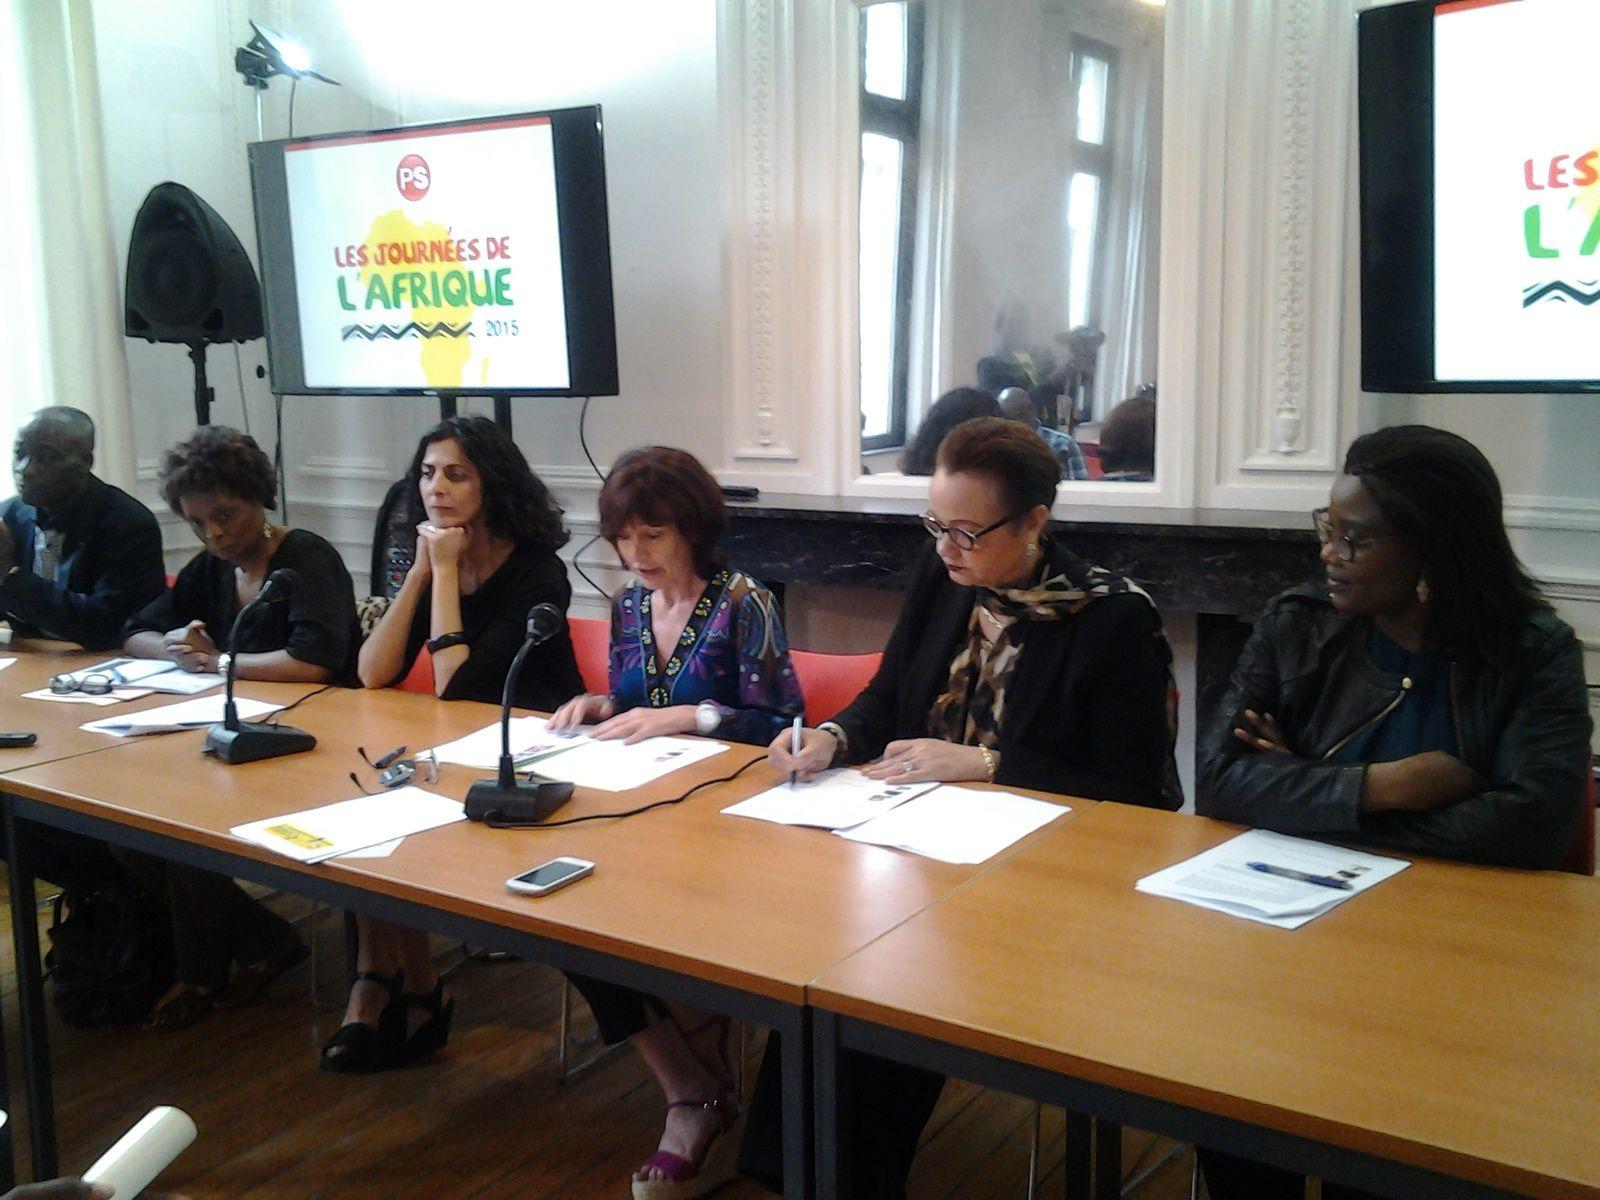 Journées de l'Afrique 2015 à Bruxelles, Laurette Onkelinx donne les lignes directrices